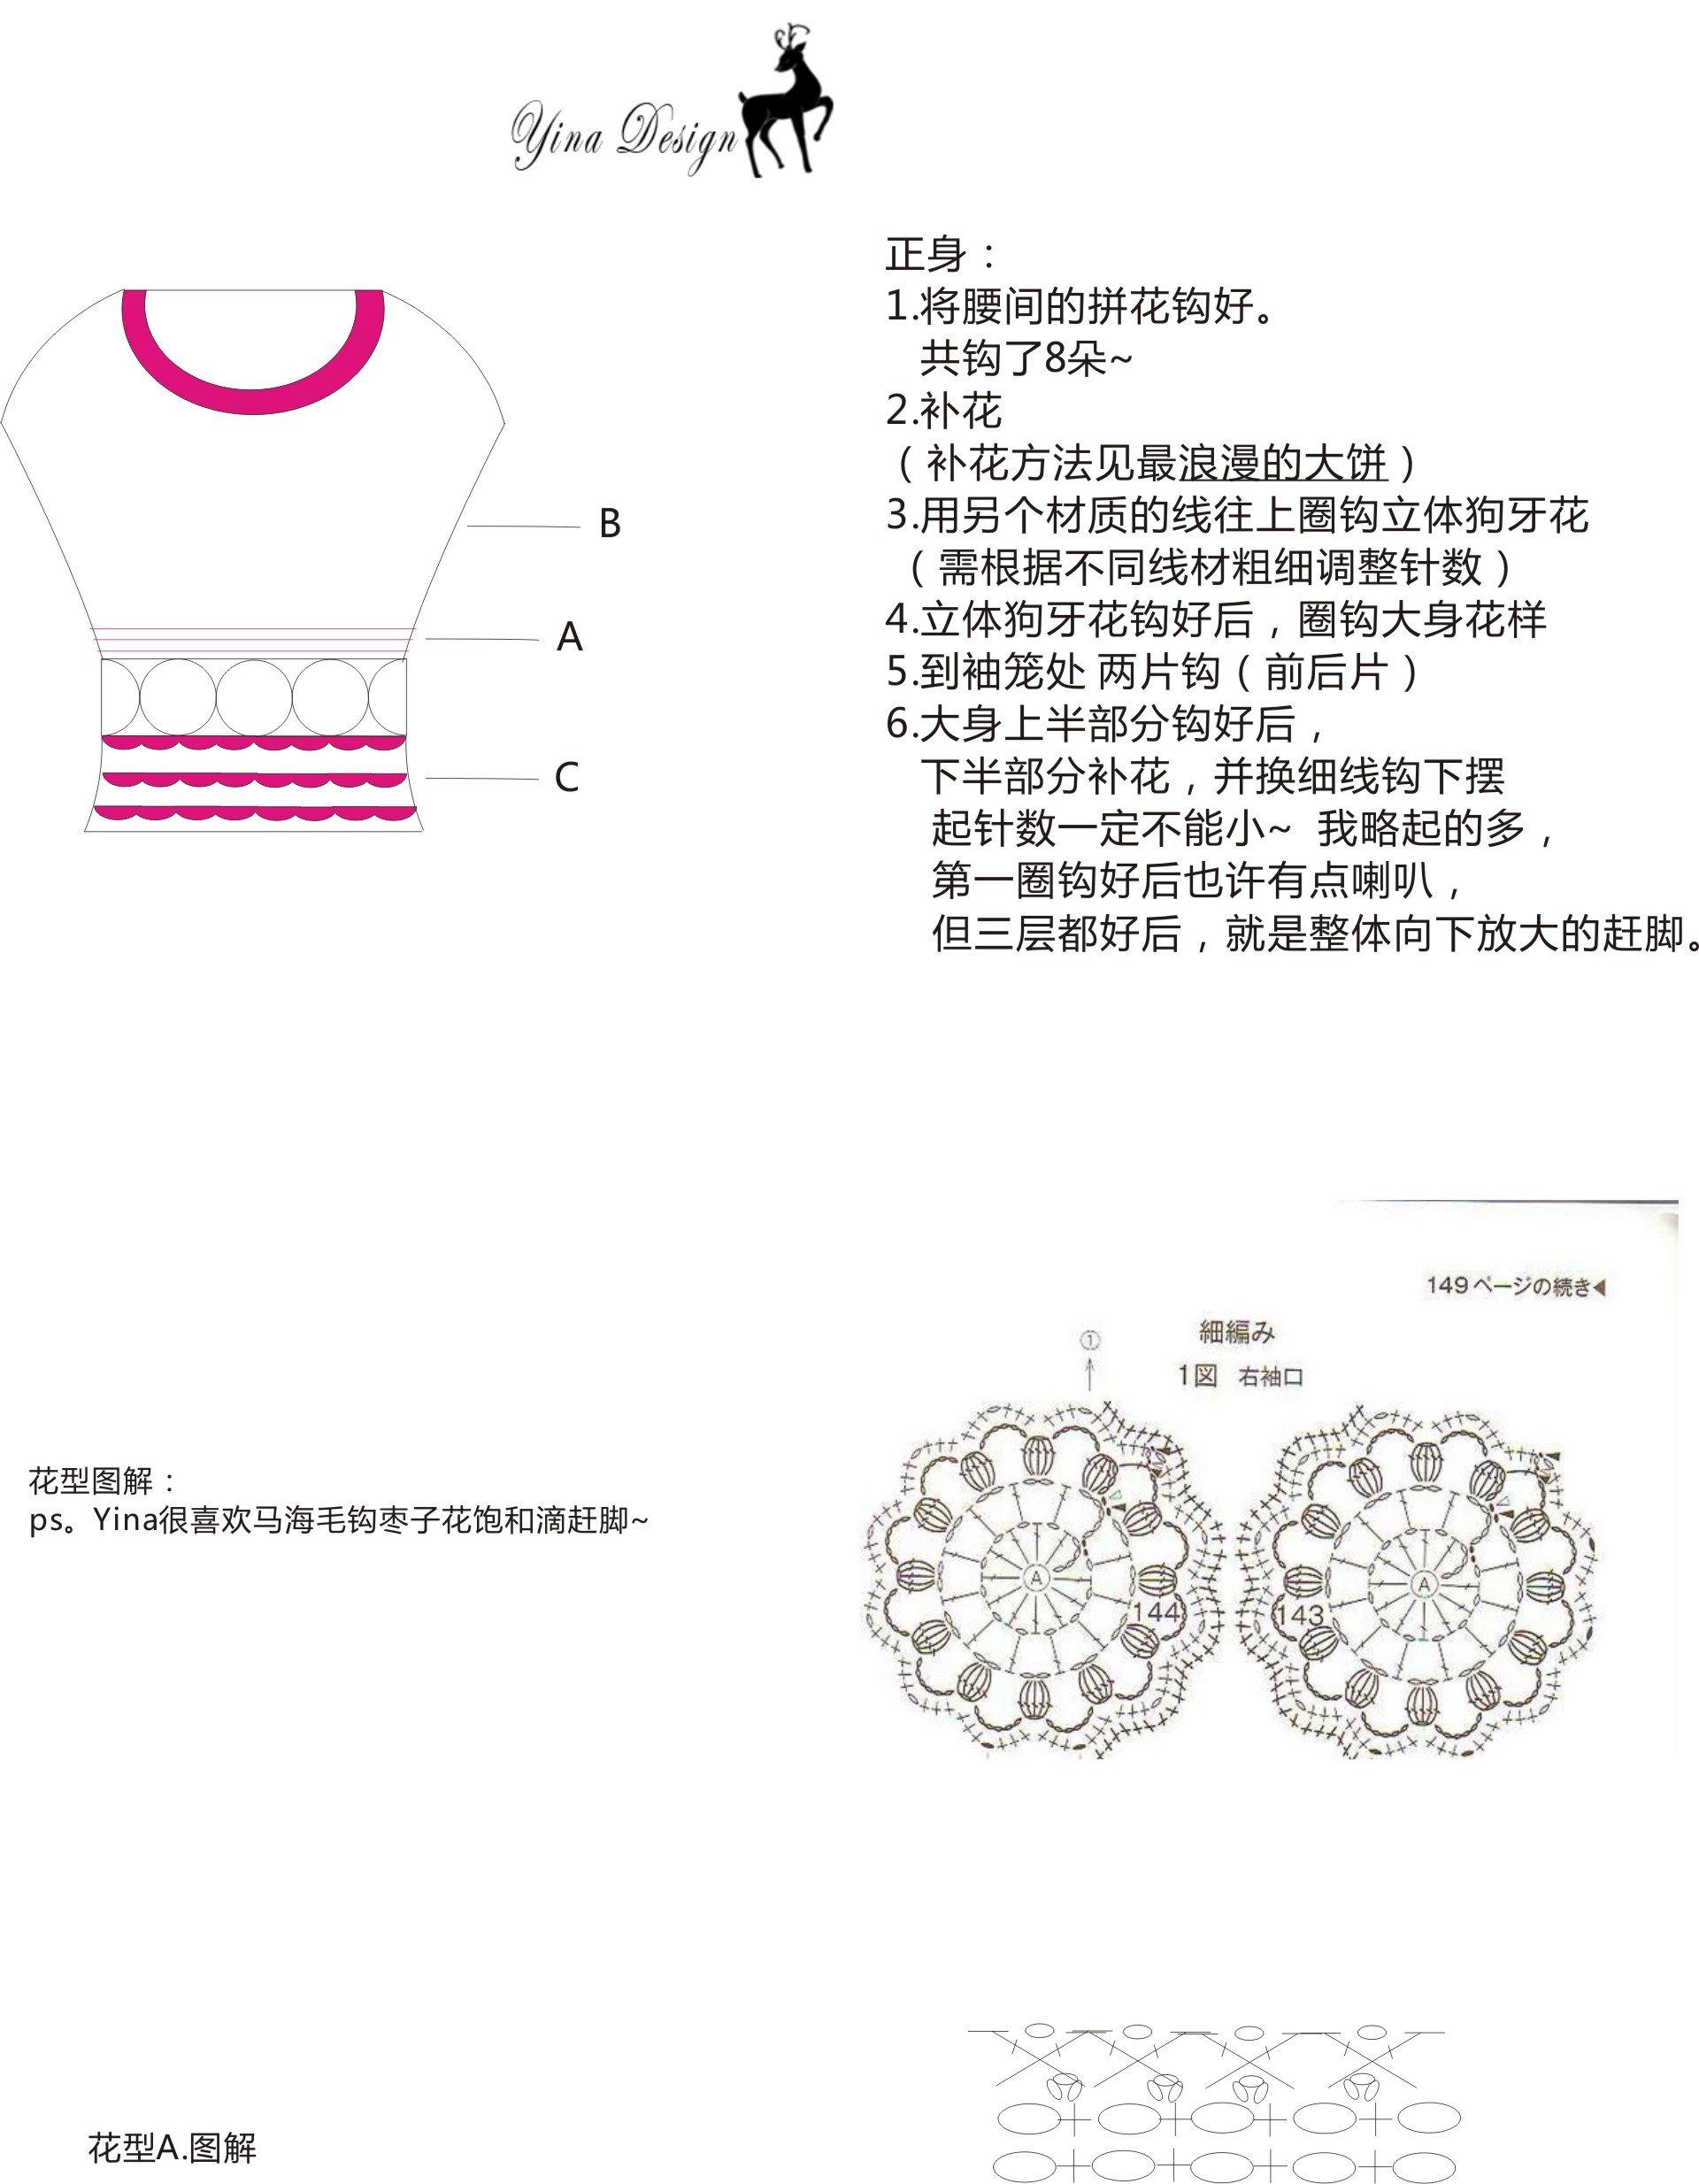 图形2.jpg